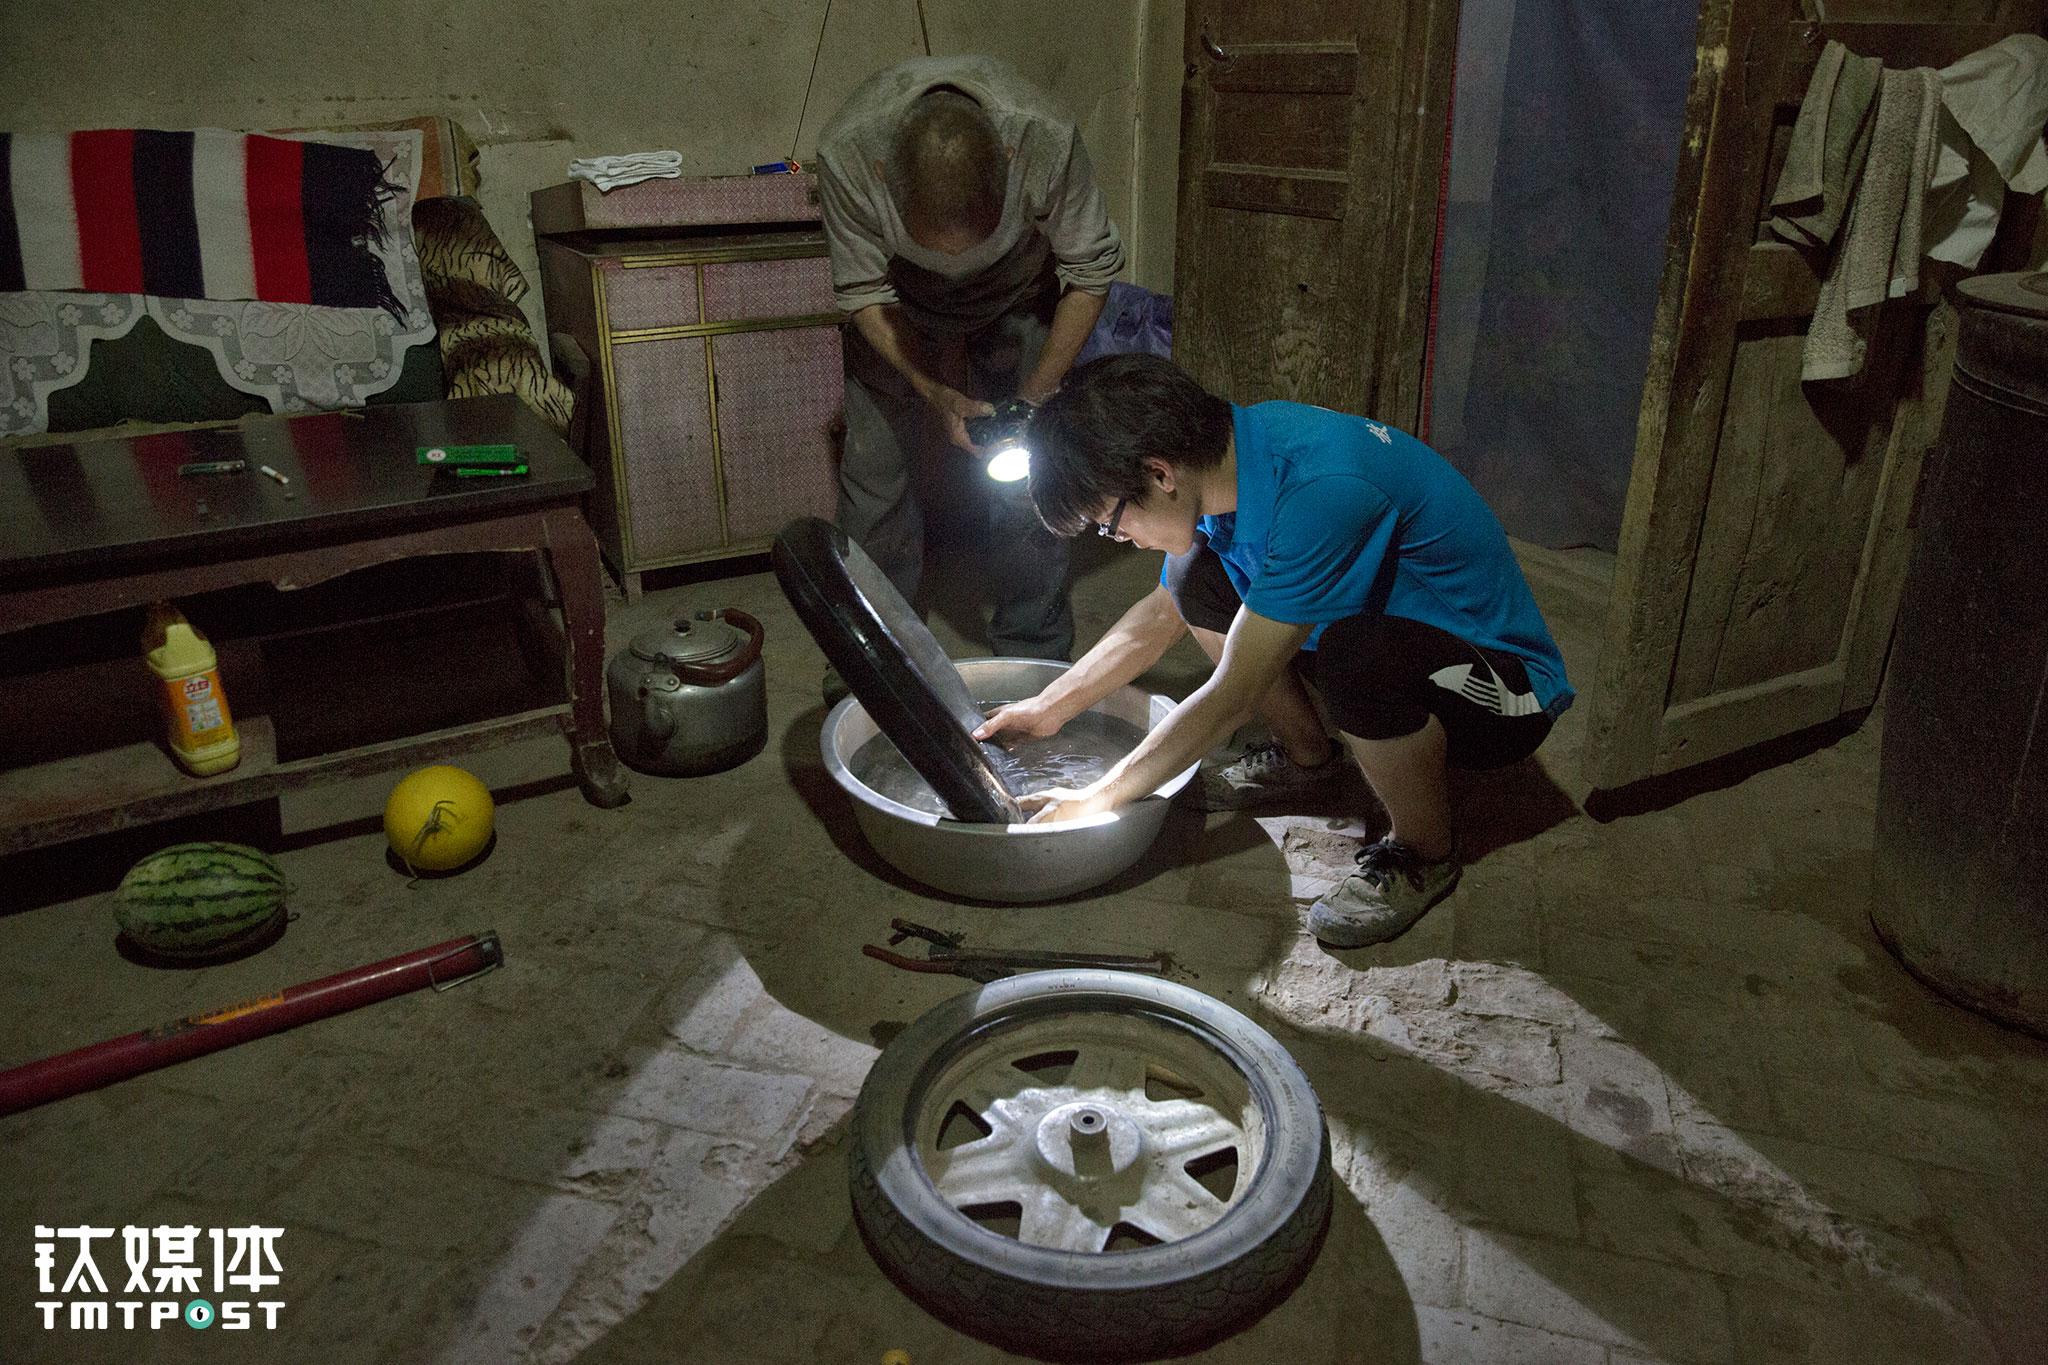 电动三轮车是家里最重要的劳动工具和交通工具,每天都要用到。村里路面不平,碎渣和刺很多,让这个小三轮的轮胎屡屡被扎破。忙完一天农活,李生抓紧时间帮父亲修理三轮车胎。